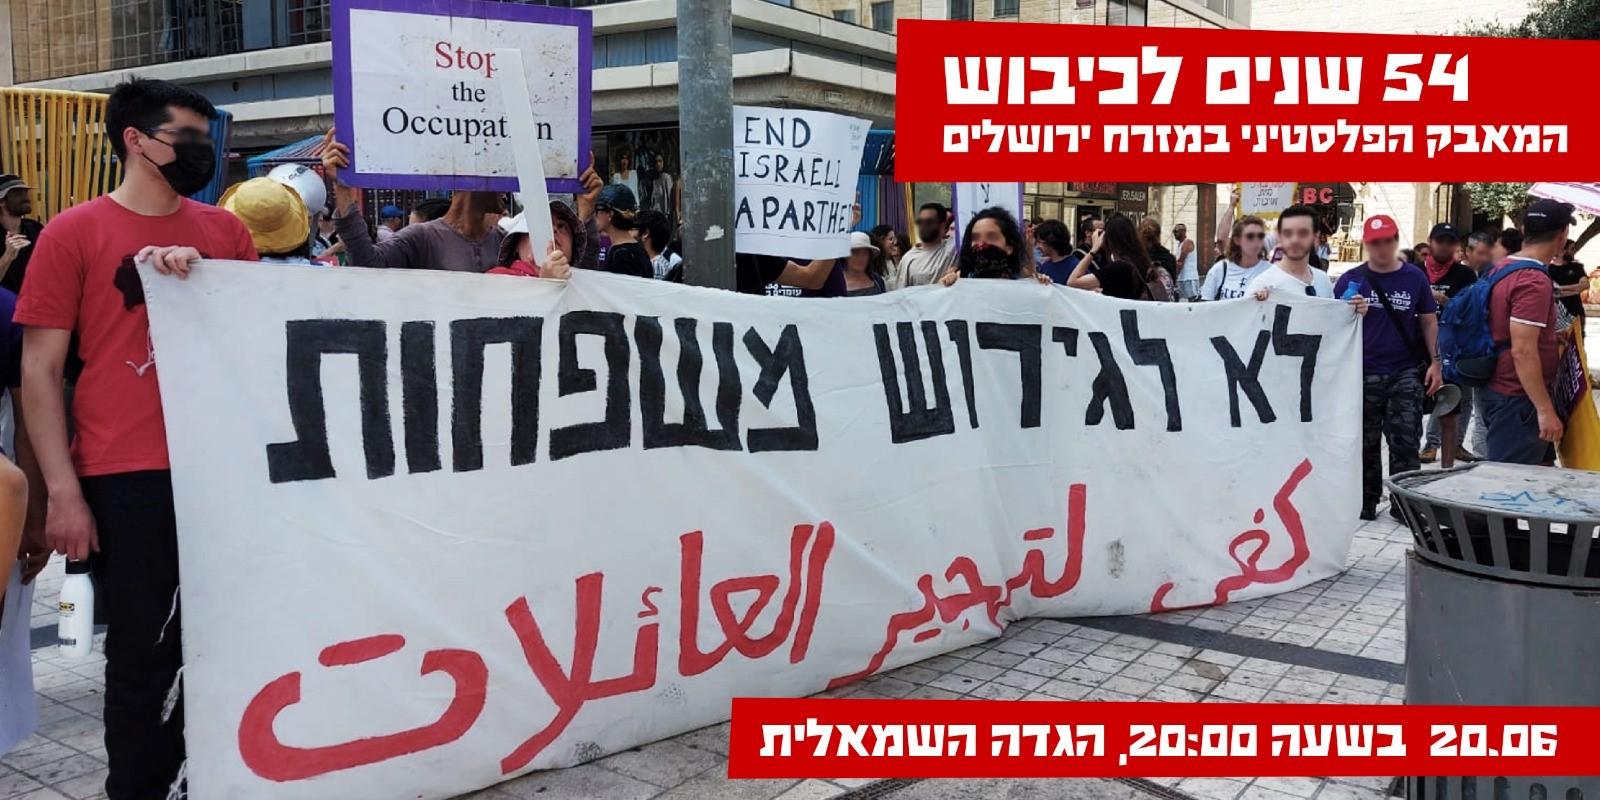 """דיון בת""""א לציון 54 שנה לכיבוש: המאבק הפלסטיני במזרח ירושלים"""